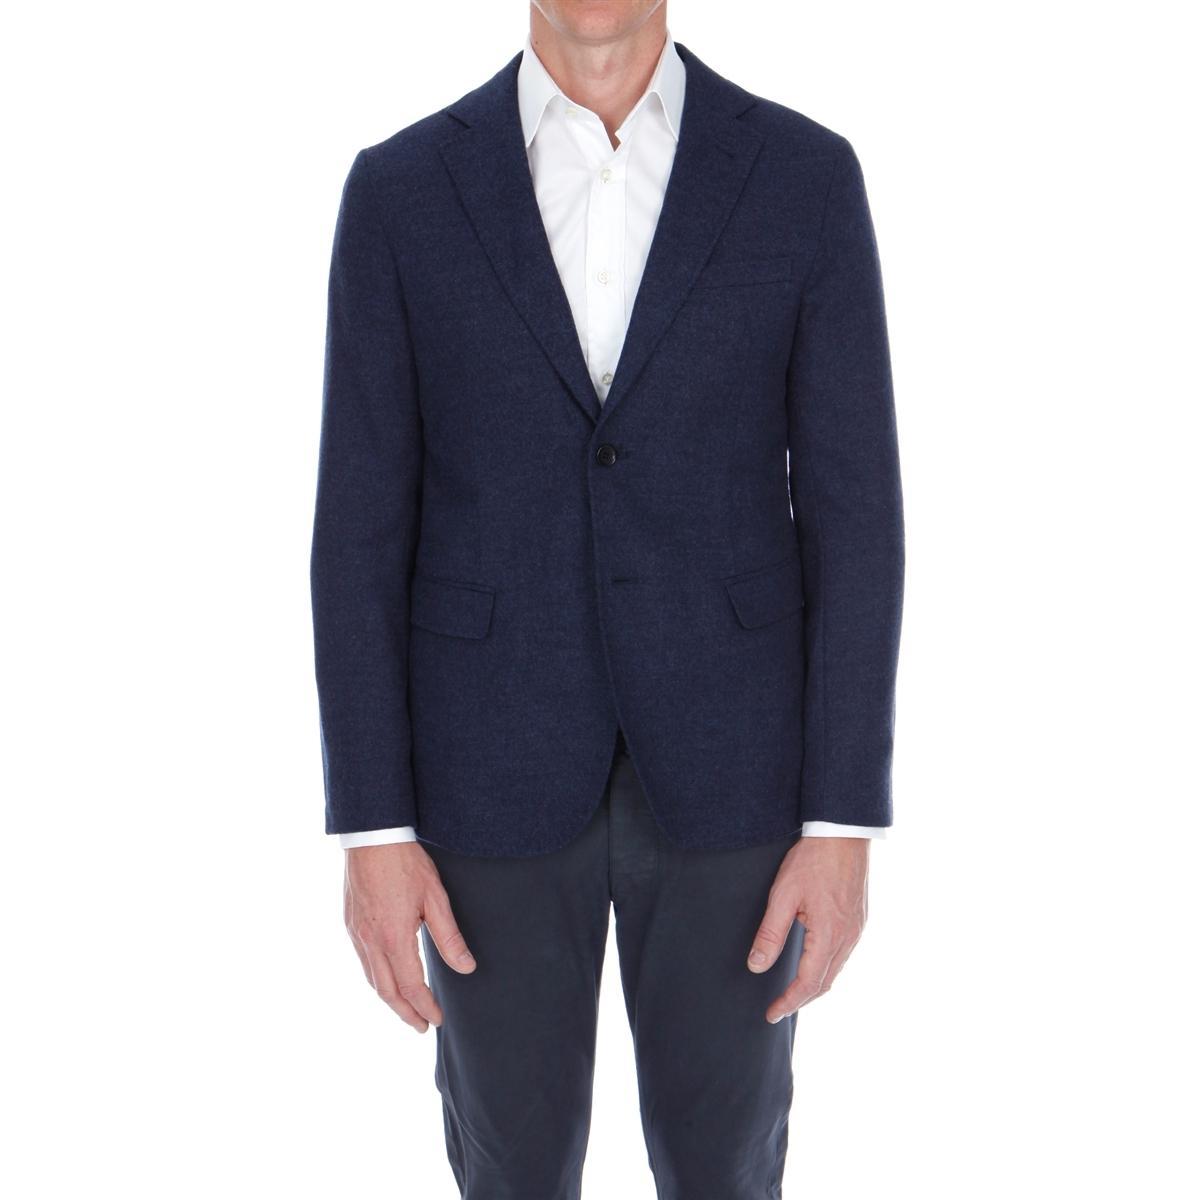 Jusqu'à 67% de réduction sur une sélection d'articles - Ex: Veste en tweed de laine